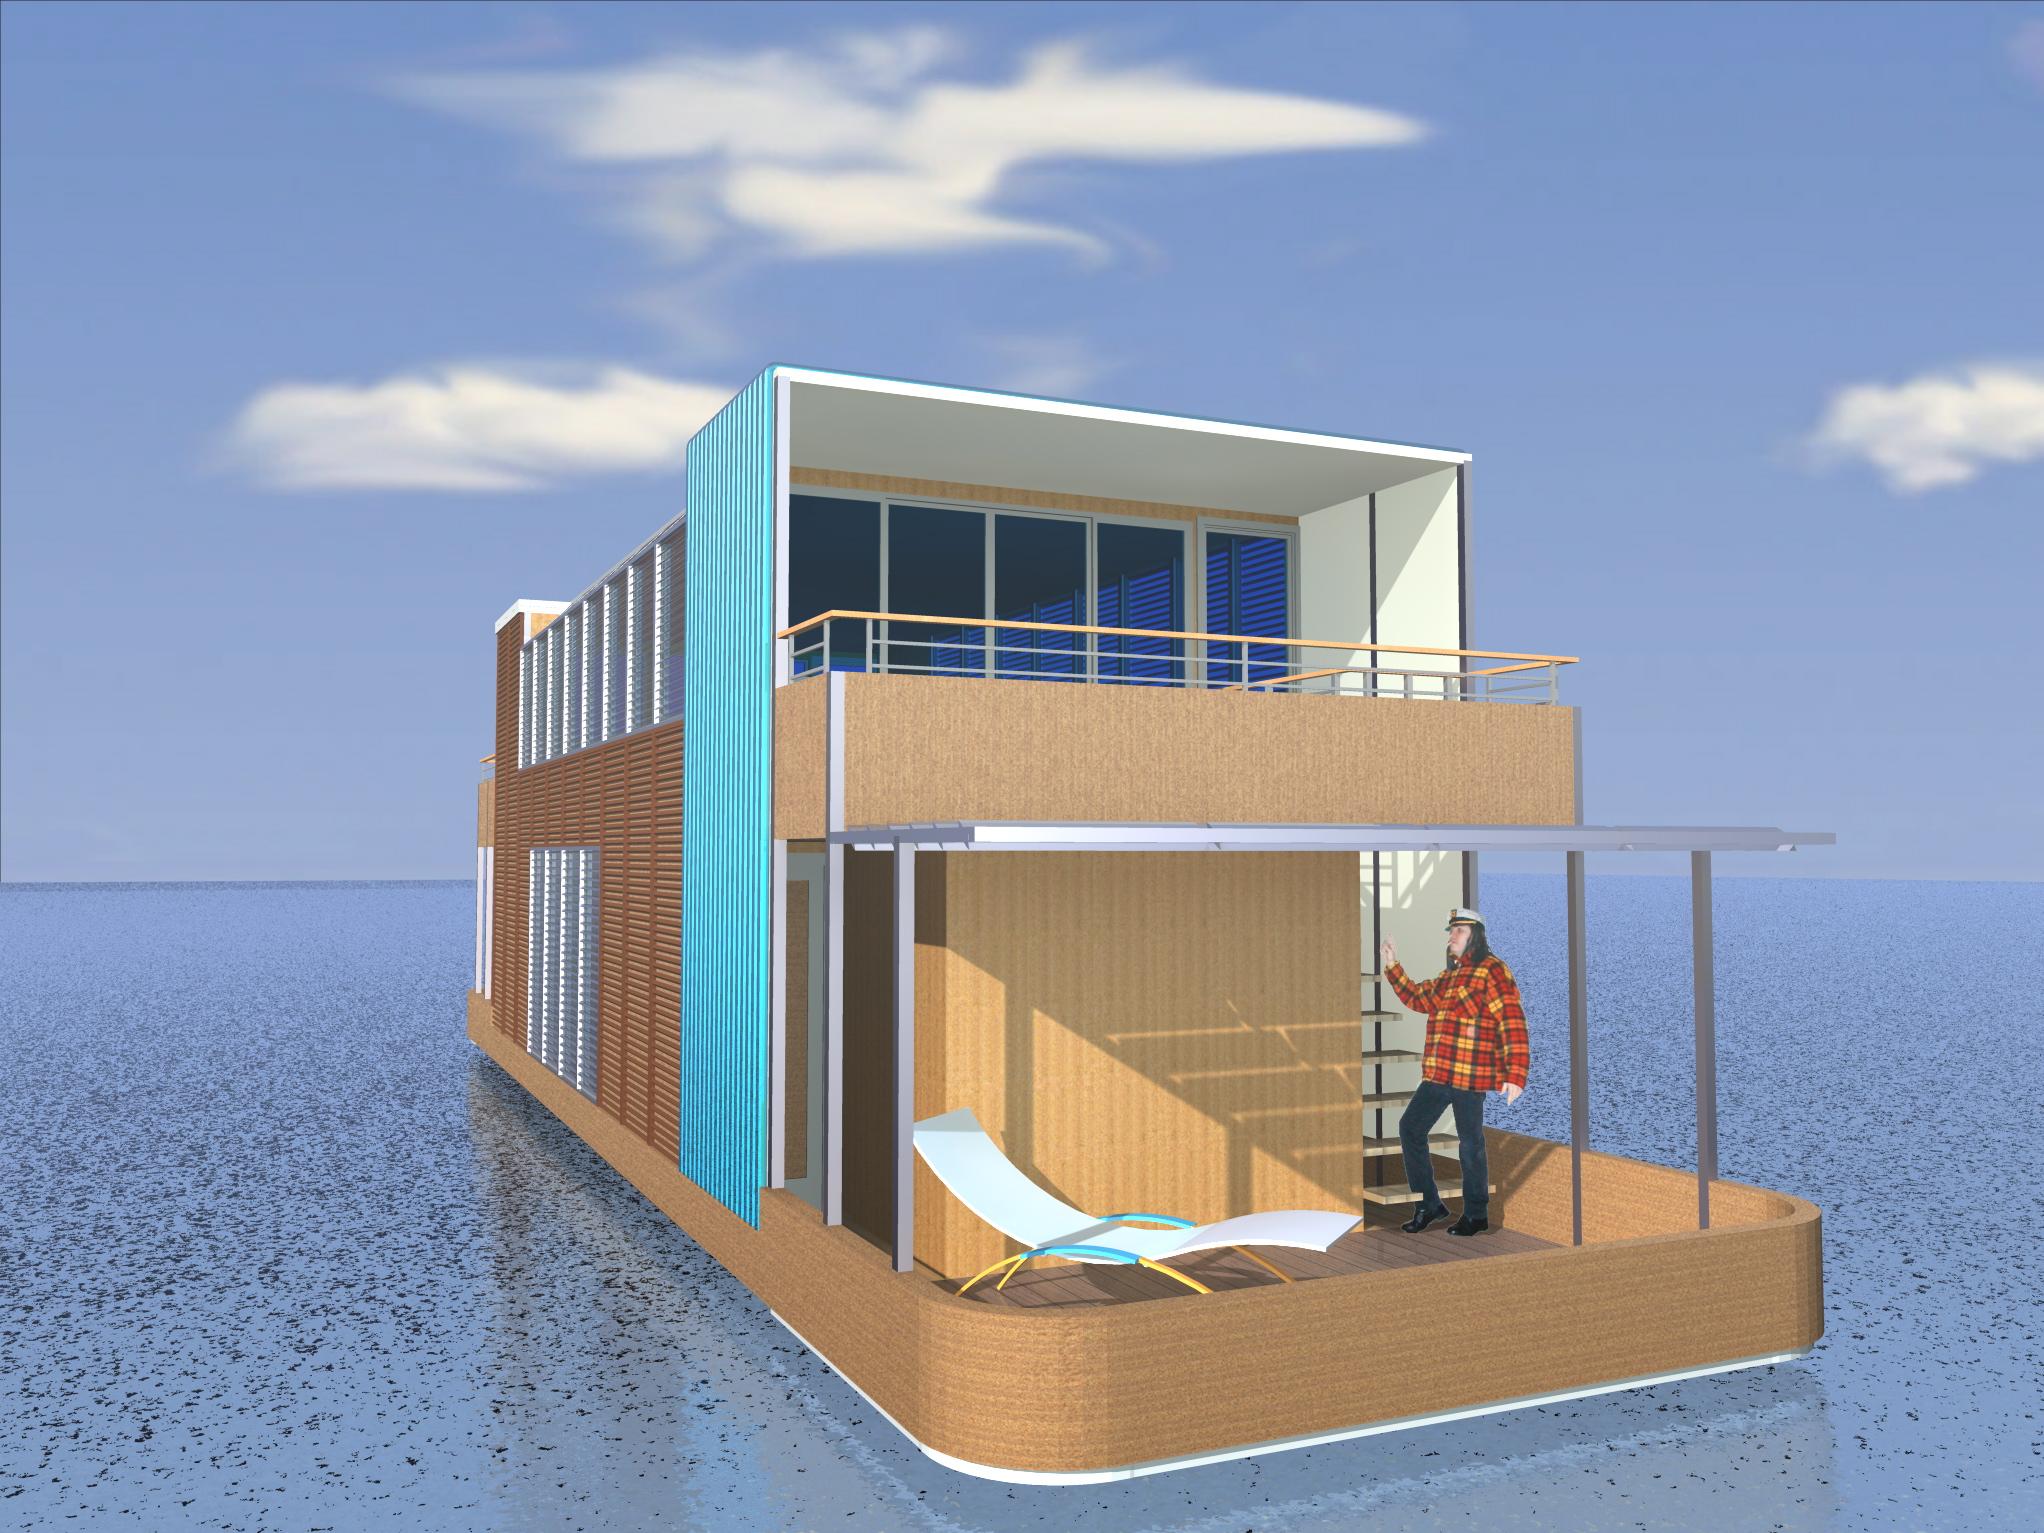 Studi per la costruzione di una casa galleggiante